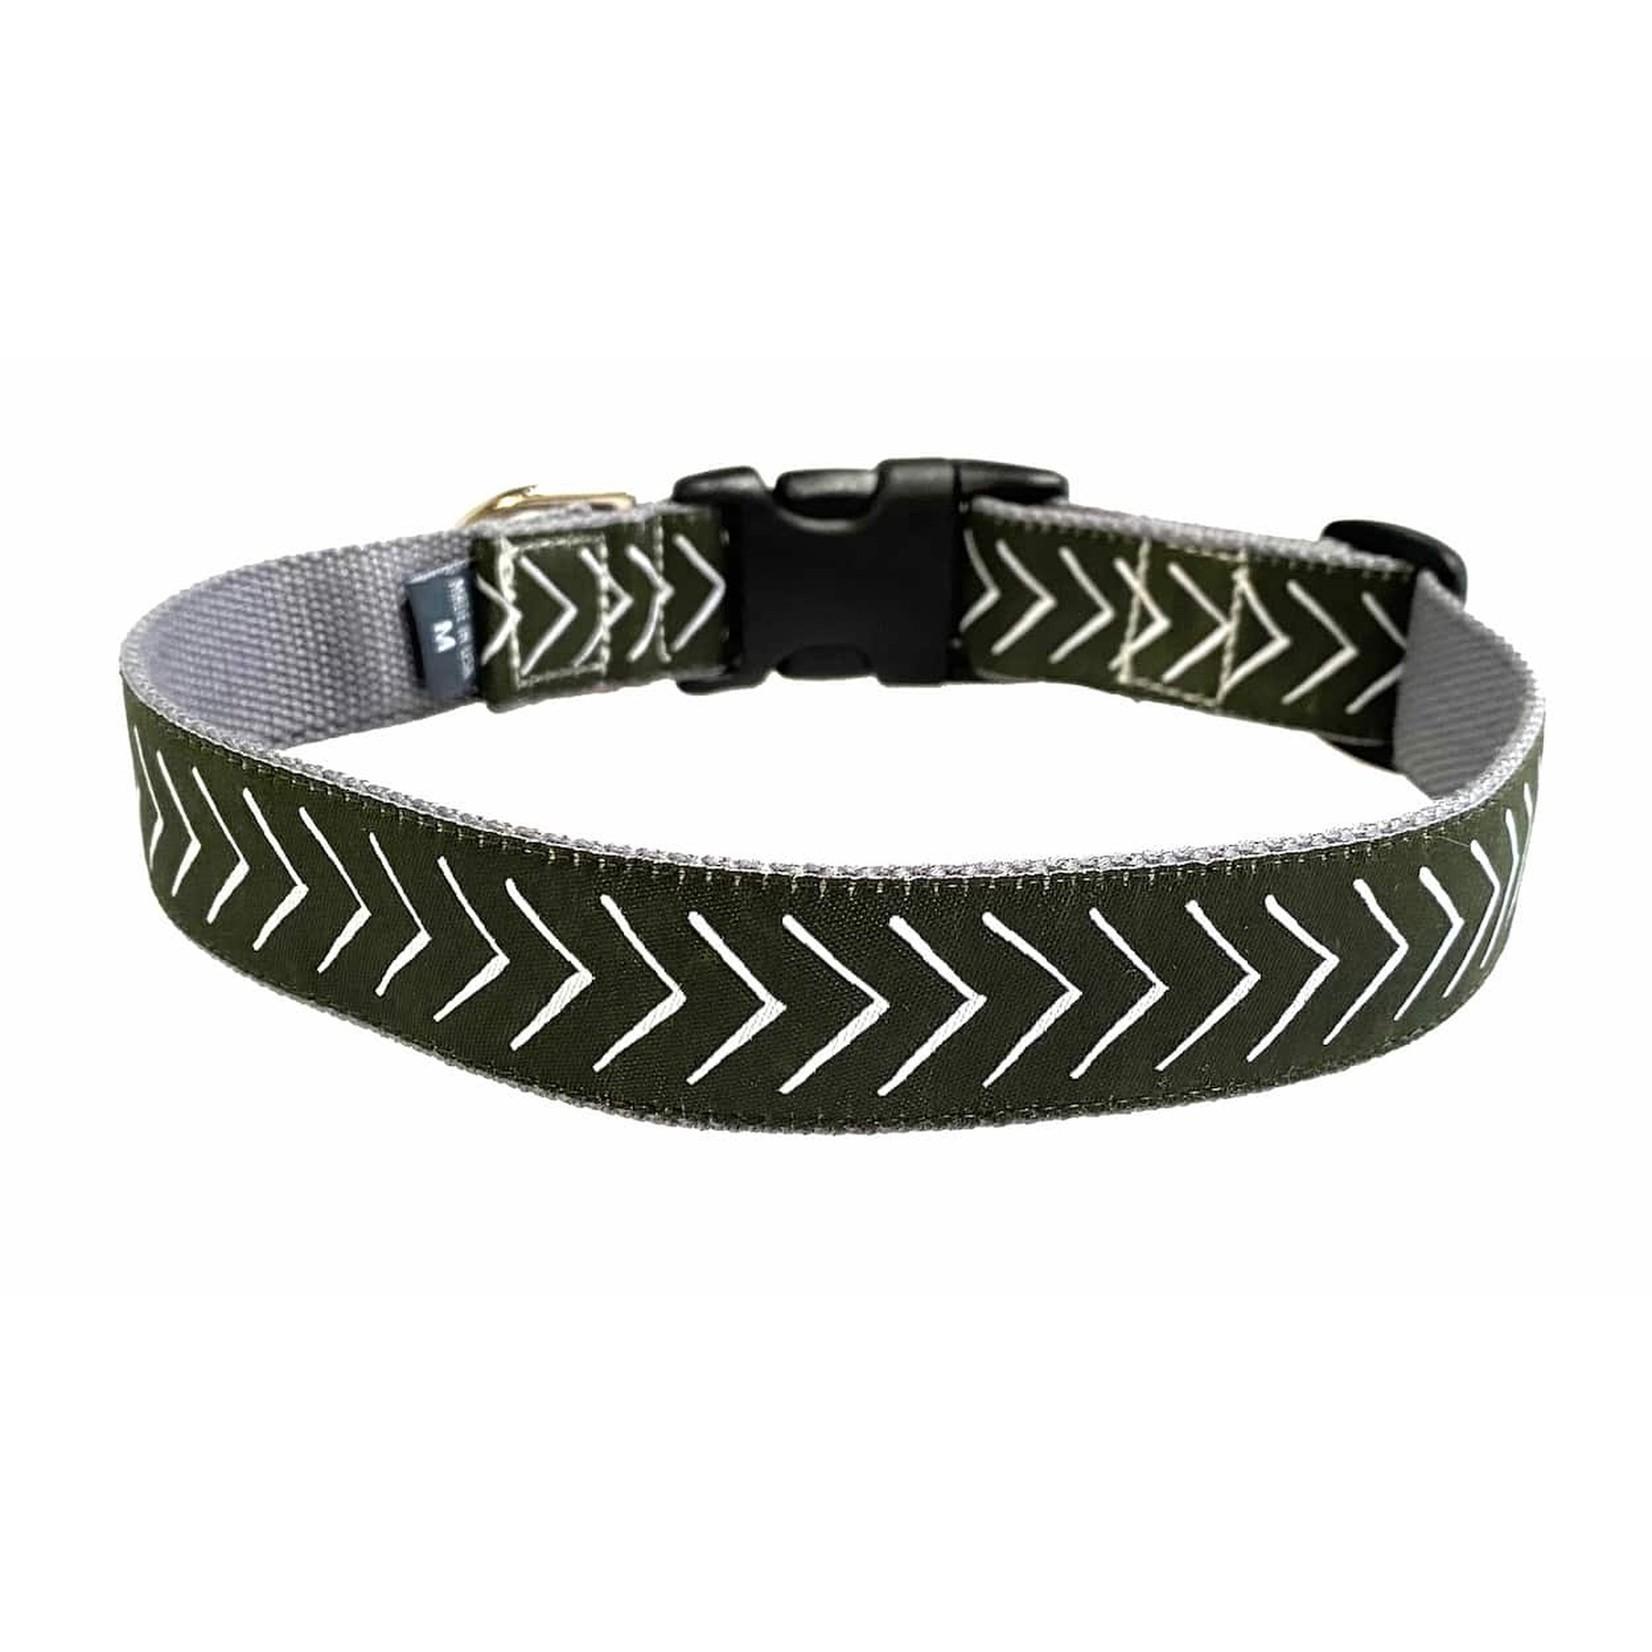 MOLLYMUTT Sula Dog Collar